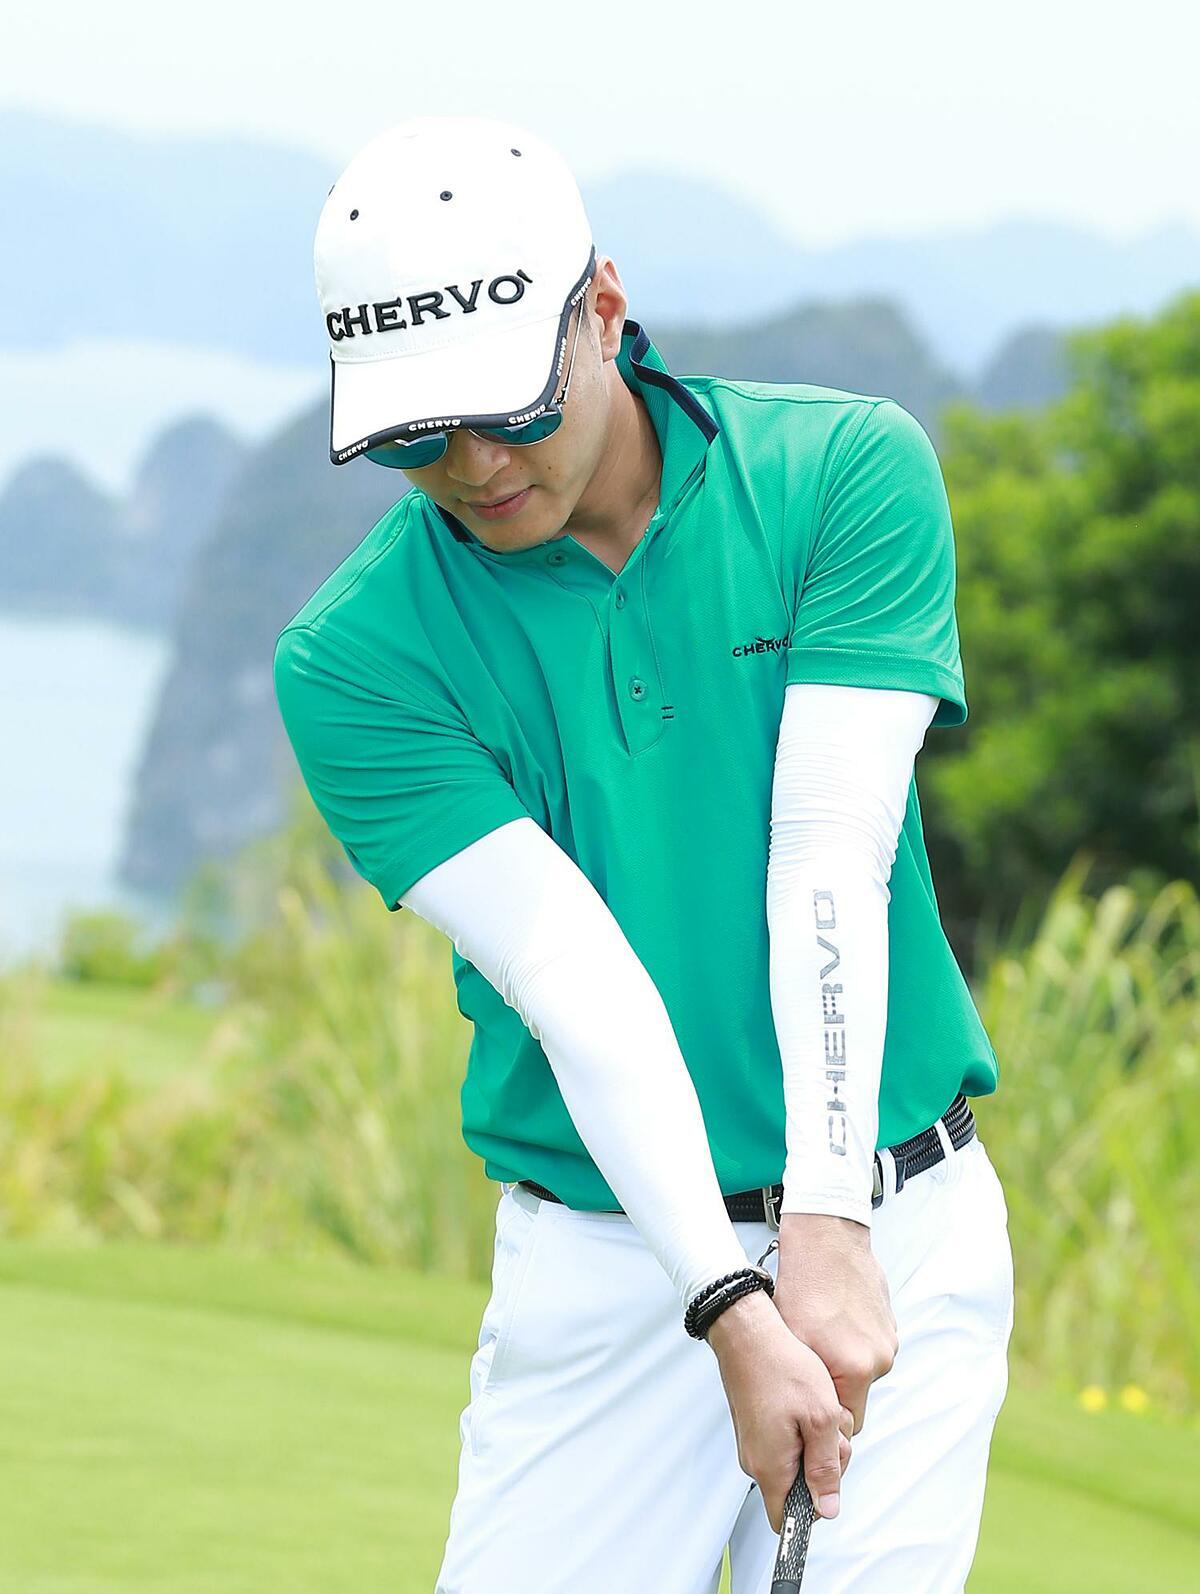 Với các sản phẩm từ thương hiệu thời trang Chervo do HS Golf phân phối, nam diễn viên có thể phối nhiều mẫu quần áo đa dạng với các phụ kiện giày, mũ, kính khác nhau theo phong cách lịch lãm.